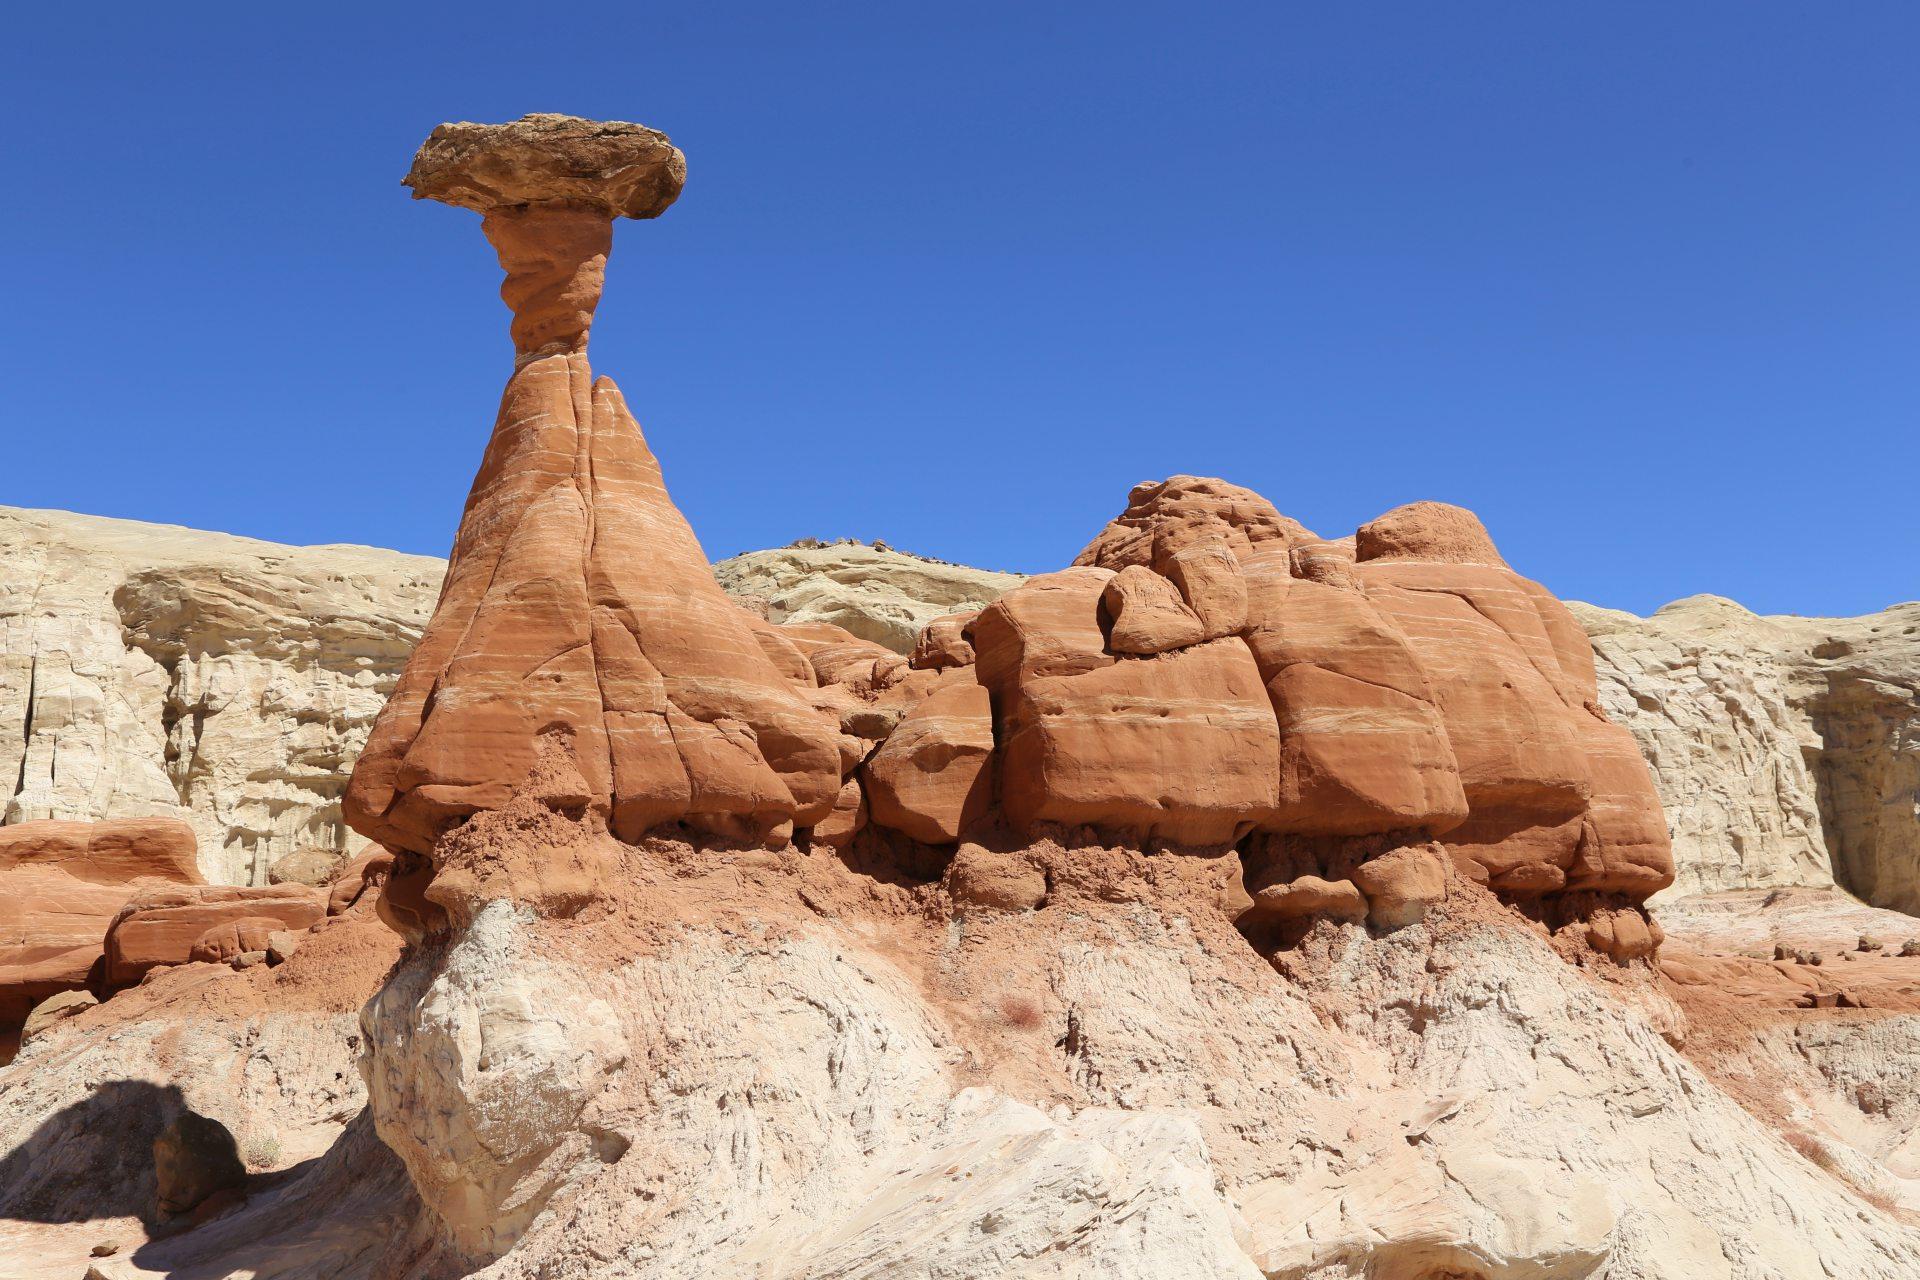 Ein versteinerter Dinosaurier? Oder doch ein Toadstool Hoodoo? - Farben, farbenfroh, Felsformationen, Felslandschaft, Felsnadeln, Geologie, Gesteinsschichten, Grand Staircase Escalante National Monument, GSENM, Himmel, Hoodoos, Monolithen, Paria Rimrocks, Sandstein, Sandsteinformationen, Steinmännchen, Toadstool Hoodoos, Utah - (Paria, , Utah, Vereinigte Staaten)